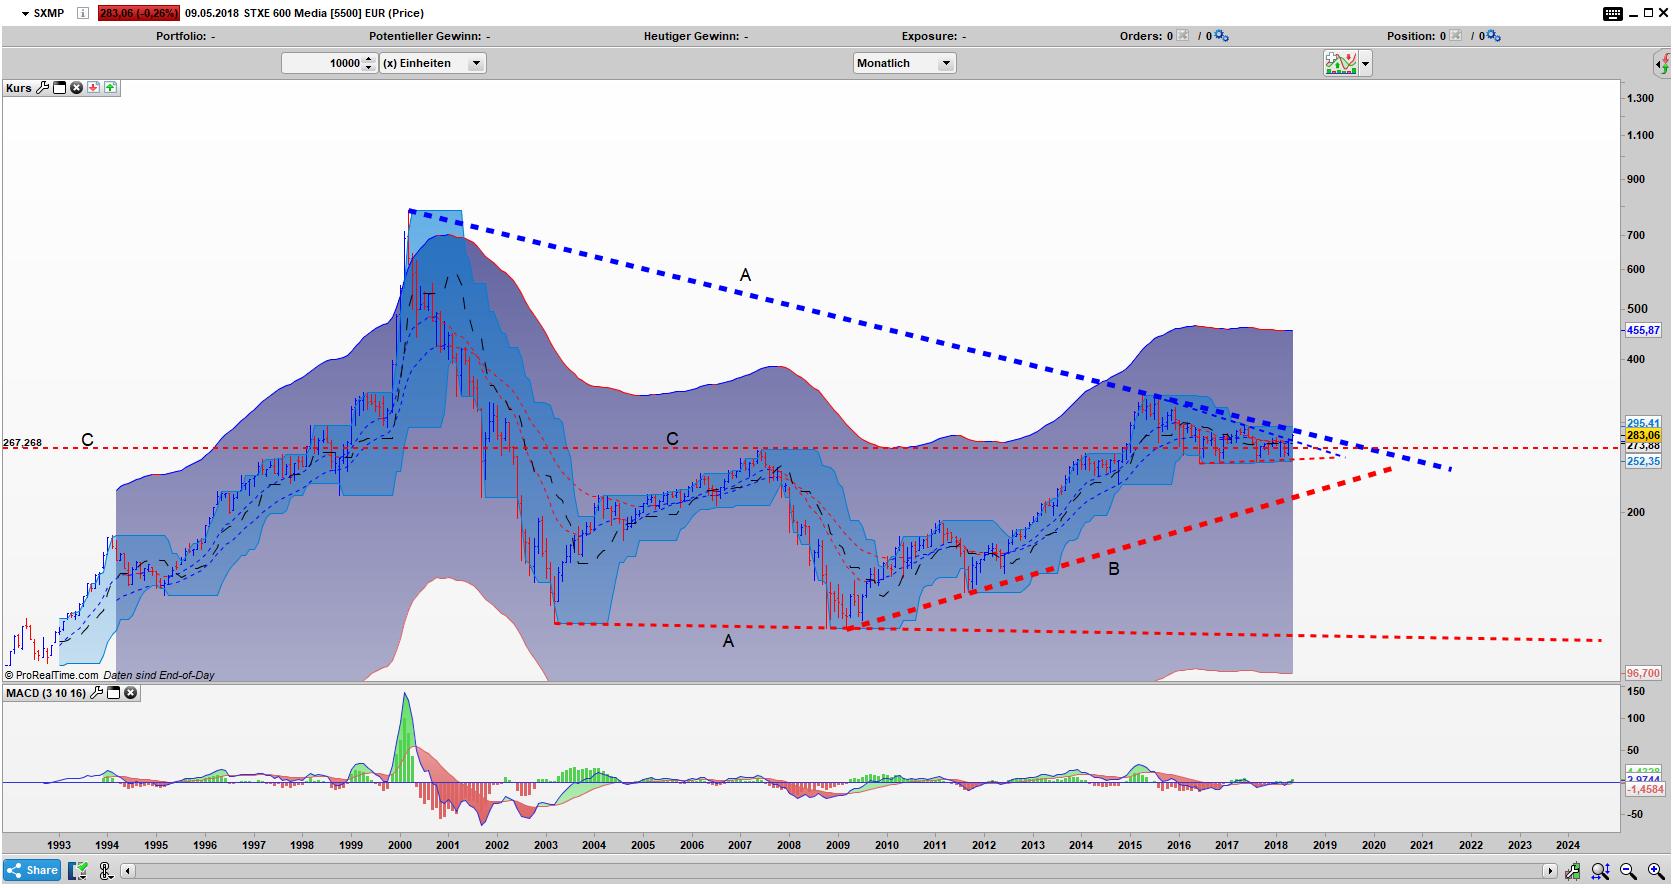 SXMP Bar Monats Chart: Verschachtelt in einem Dreieck